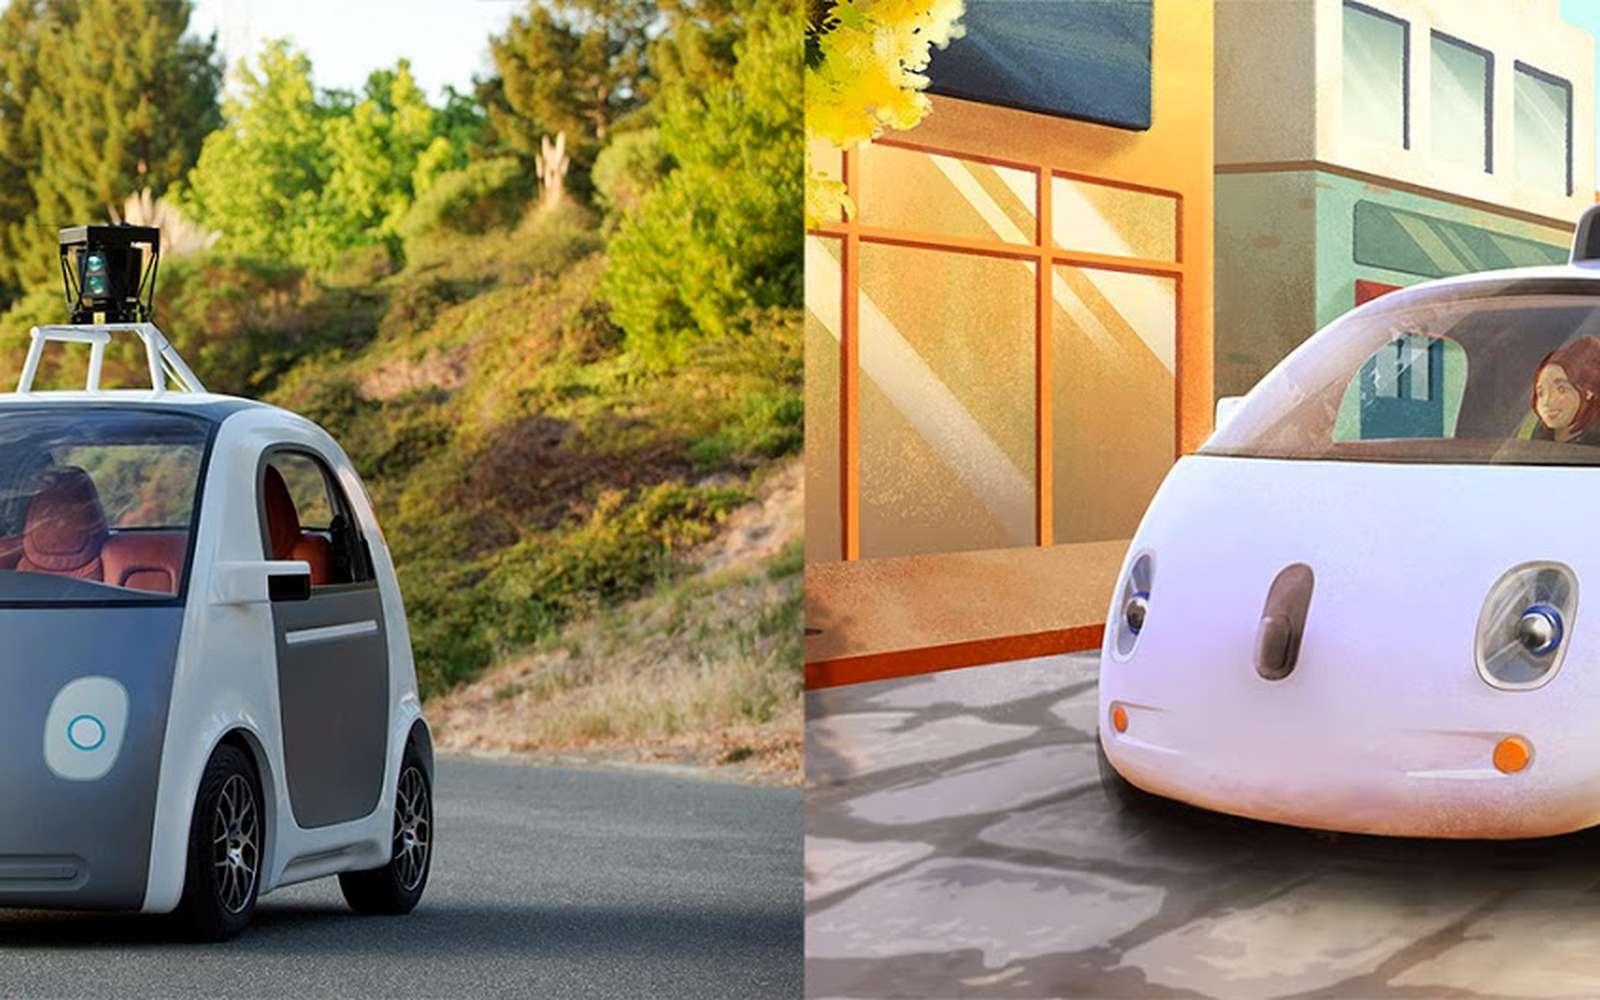 La voiture autonome de Google a été présentée en mai dernier (ici à gauche) mais la forme extérieure n'était qu'une maquette. À droite, un dessin de ce à quoi elle pourrait ressembler. Google ne prévoit ni volant, ni pédales mais la législation imposeront peut-être des commandes pour que le passager puisse redevenir conducteur. © Google